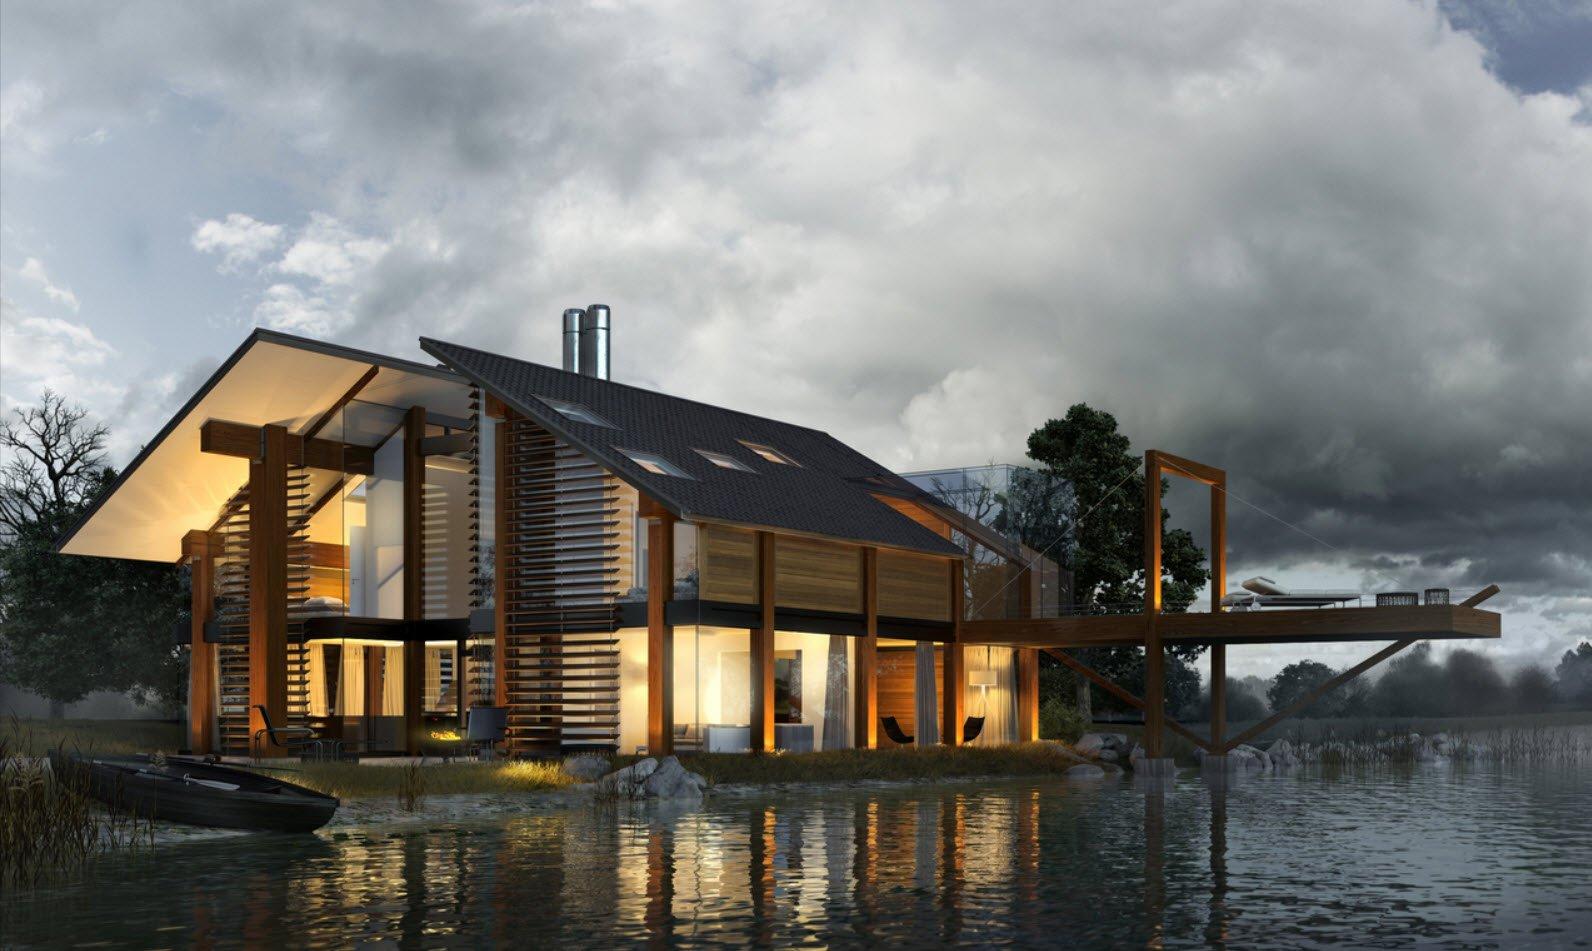 Hermosa fachada de la casa que tiene una terraza flotante que parece ser parte de un puente (Sowanna)